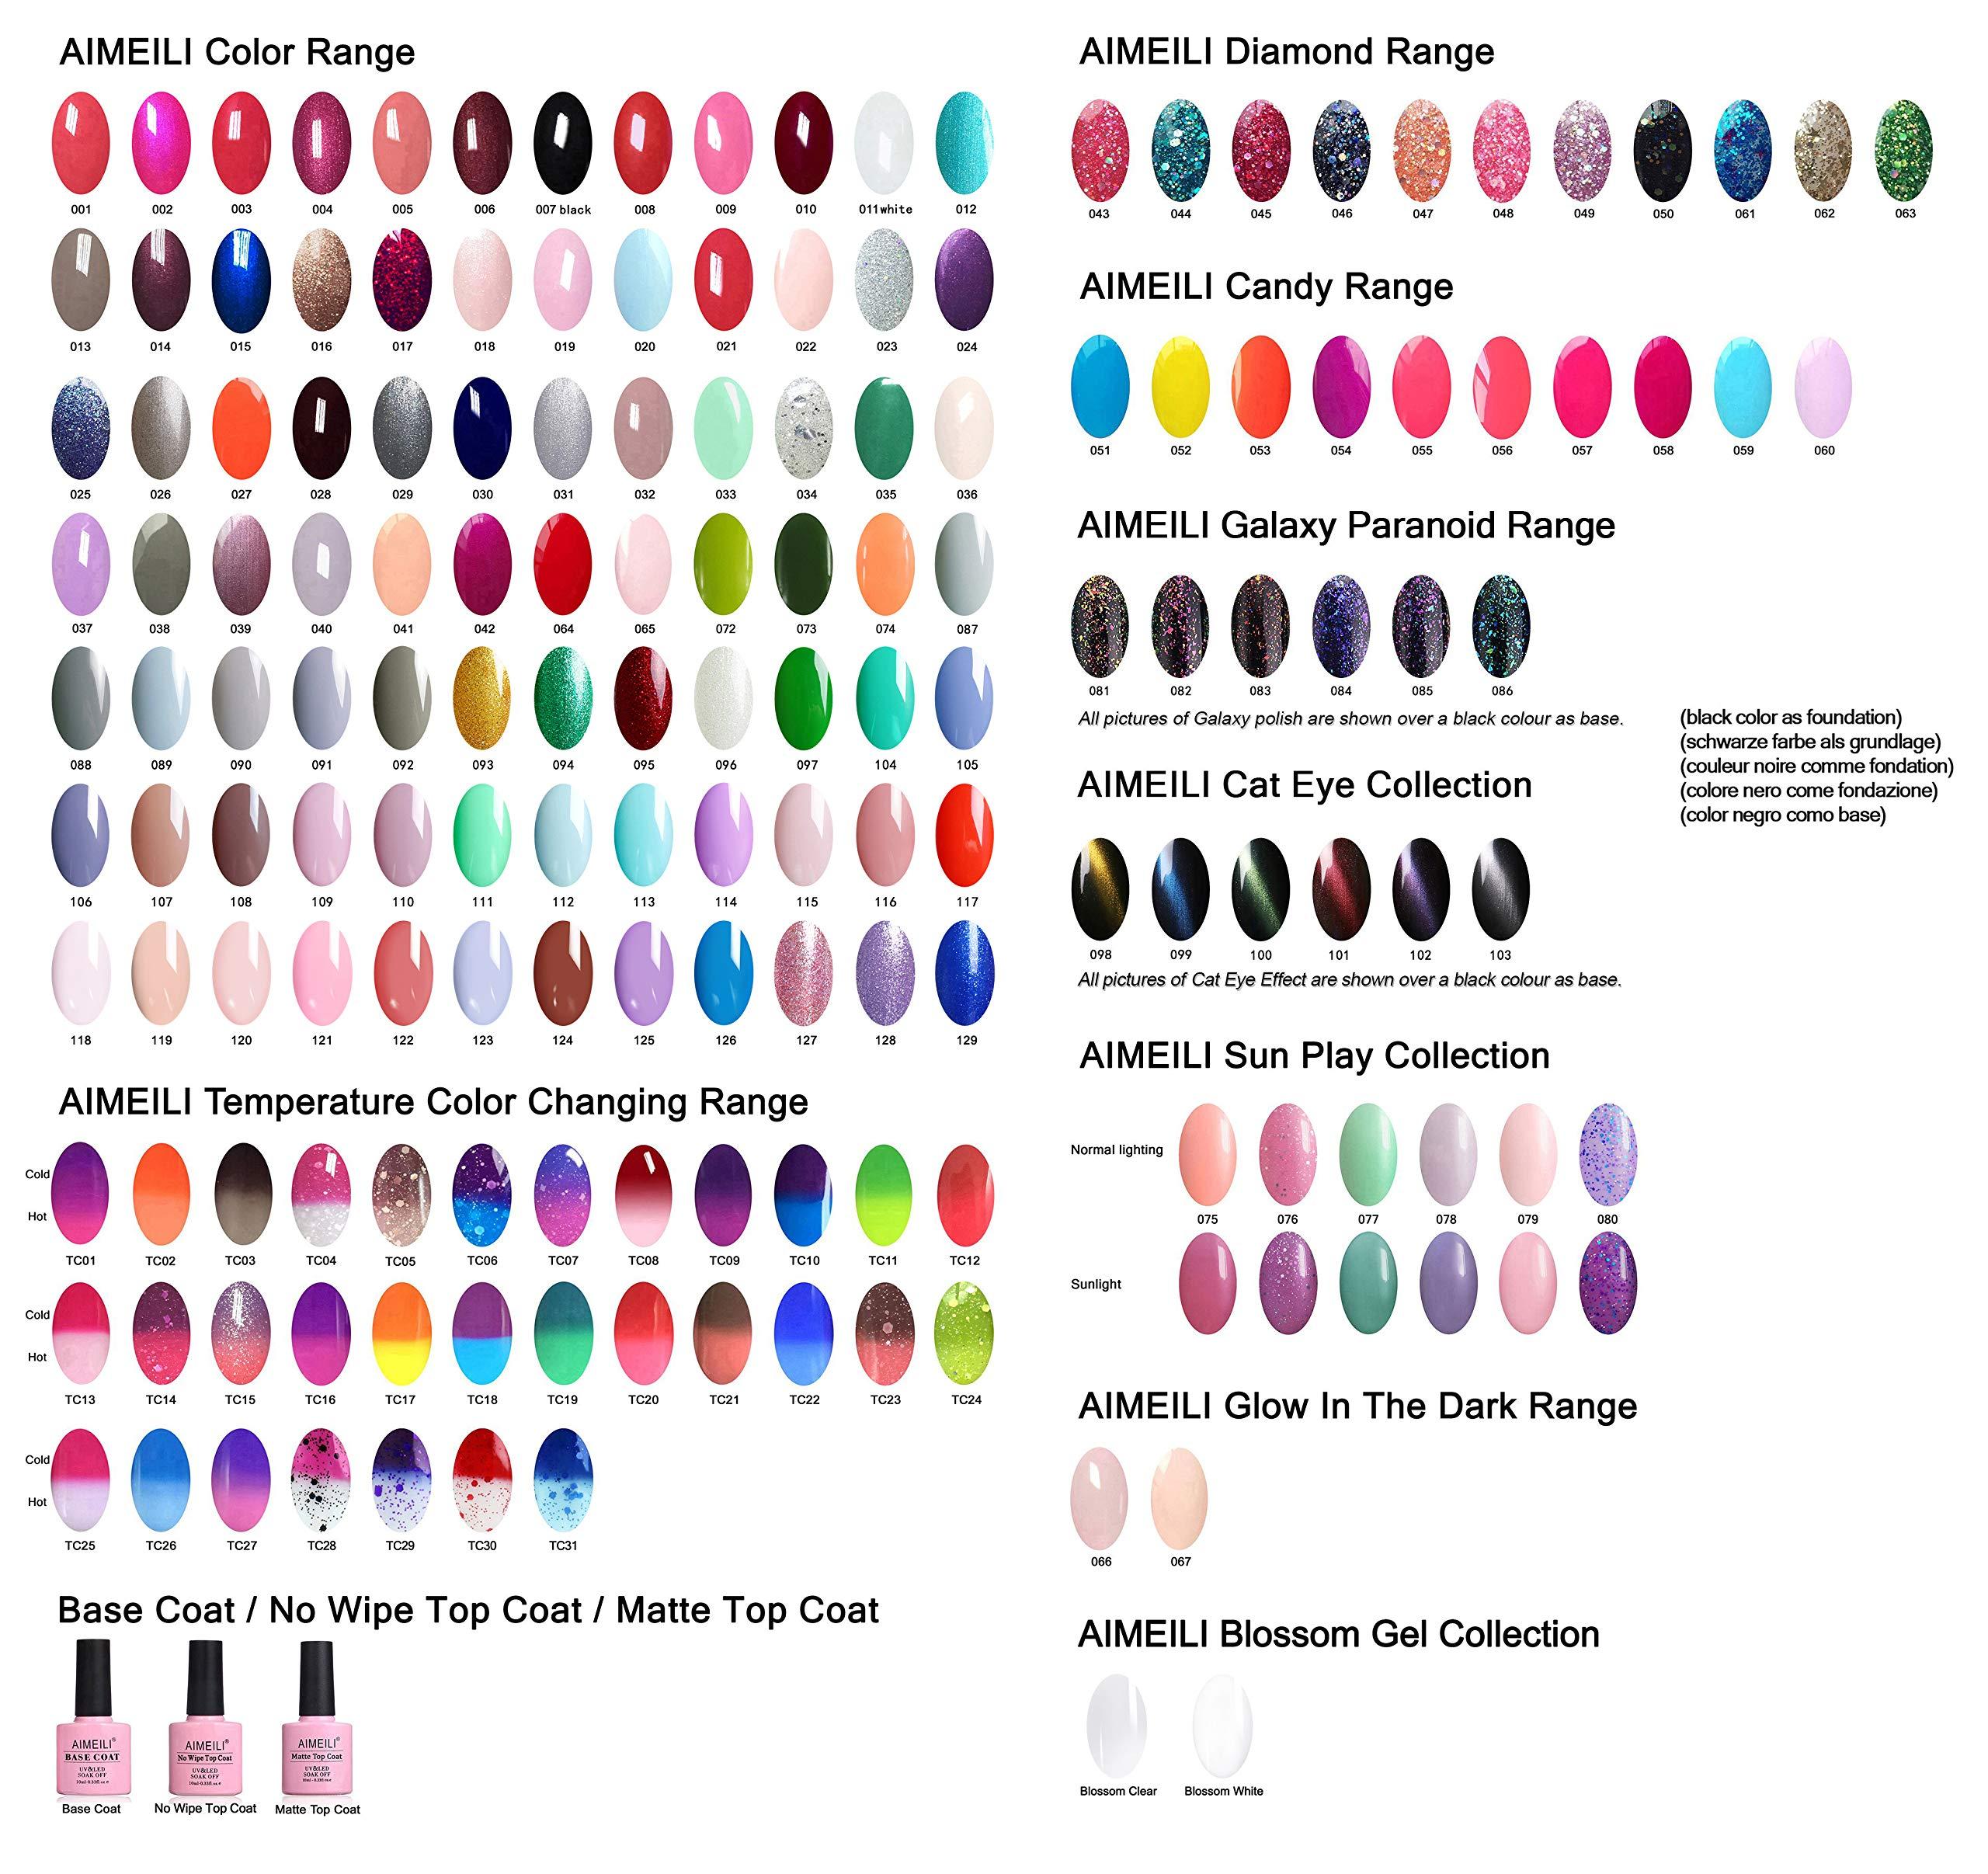 AIMEILI Kit de Esmalte Semipermanente Para Uñas Esmaltes de Uñas Esmaltes en Gel Uñas UV LED Pintauñas Permanente Set de…